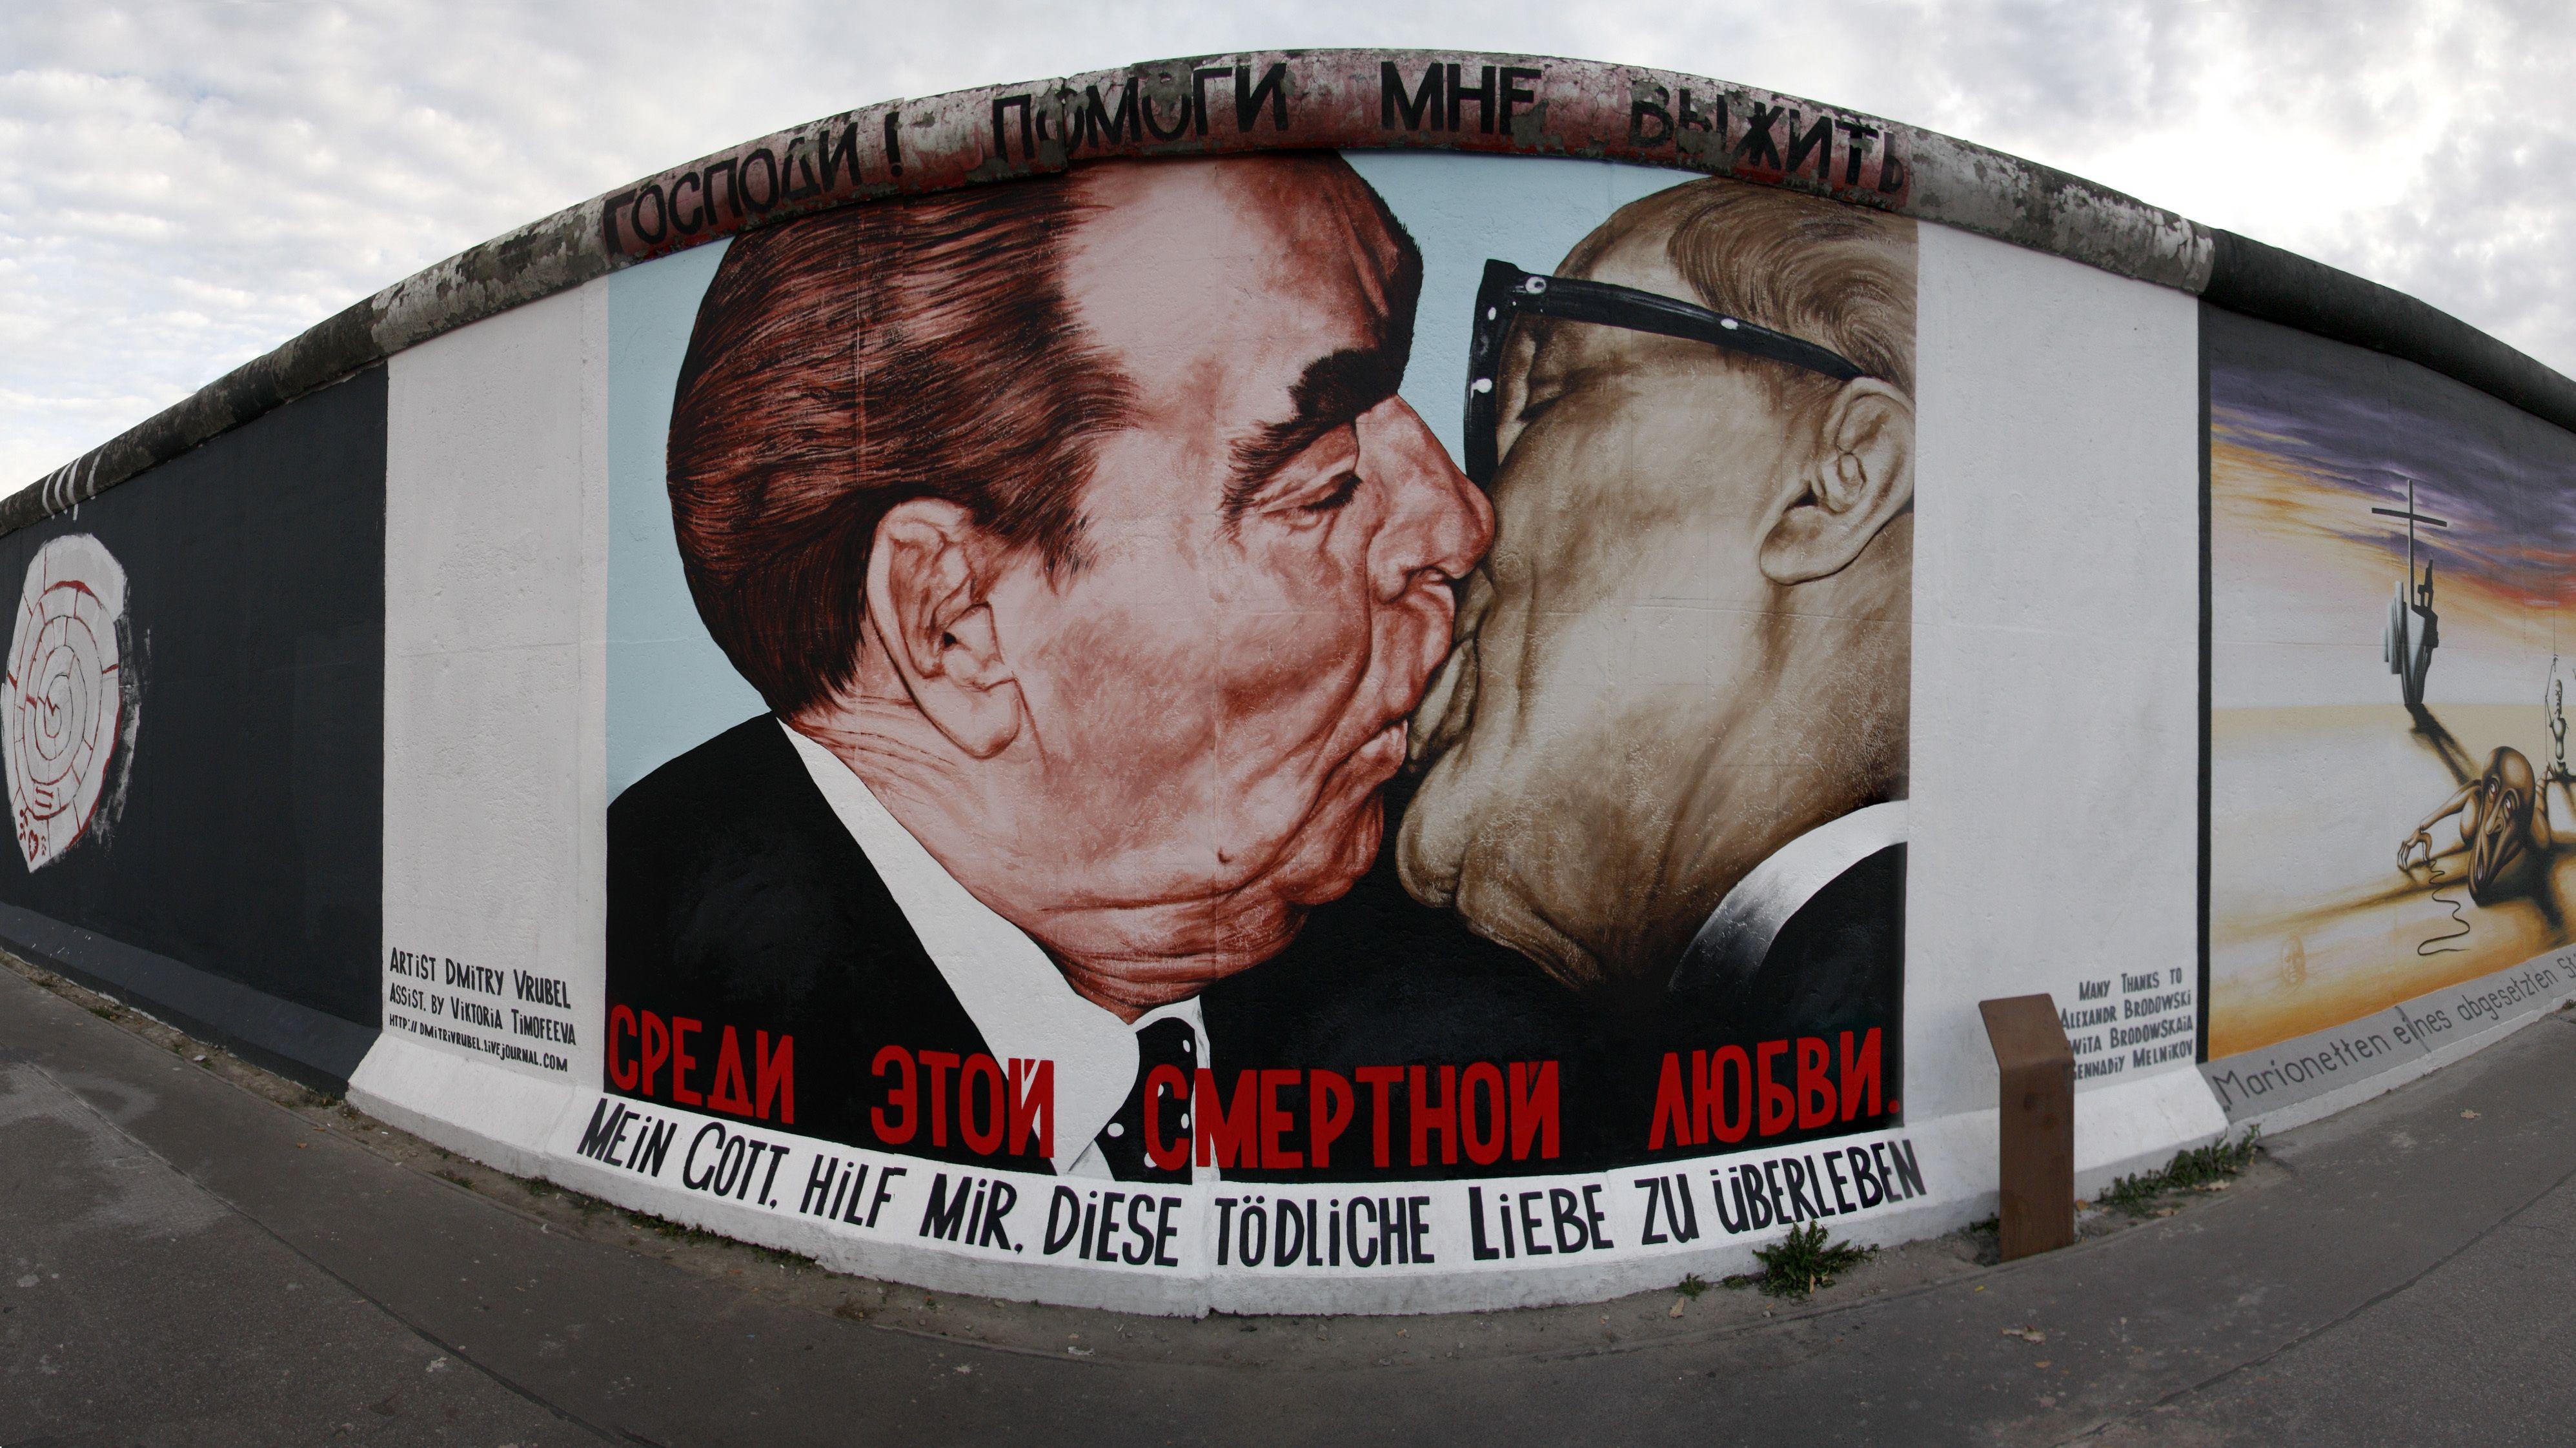 1990 verewigt der Künstler  Dmitri W. Wrubel den Kuss auf der Mauer.